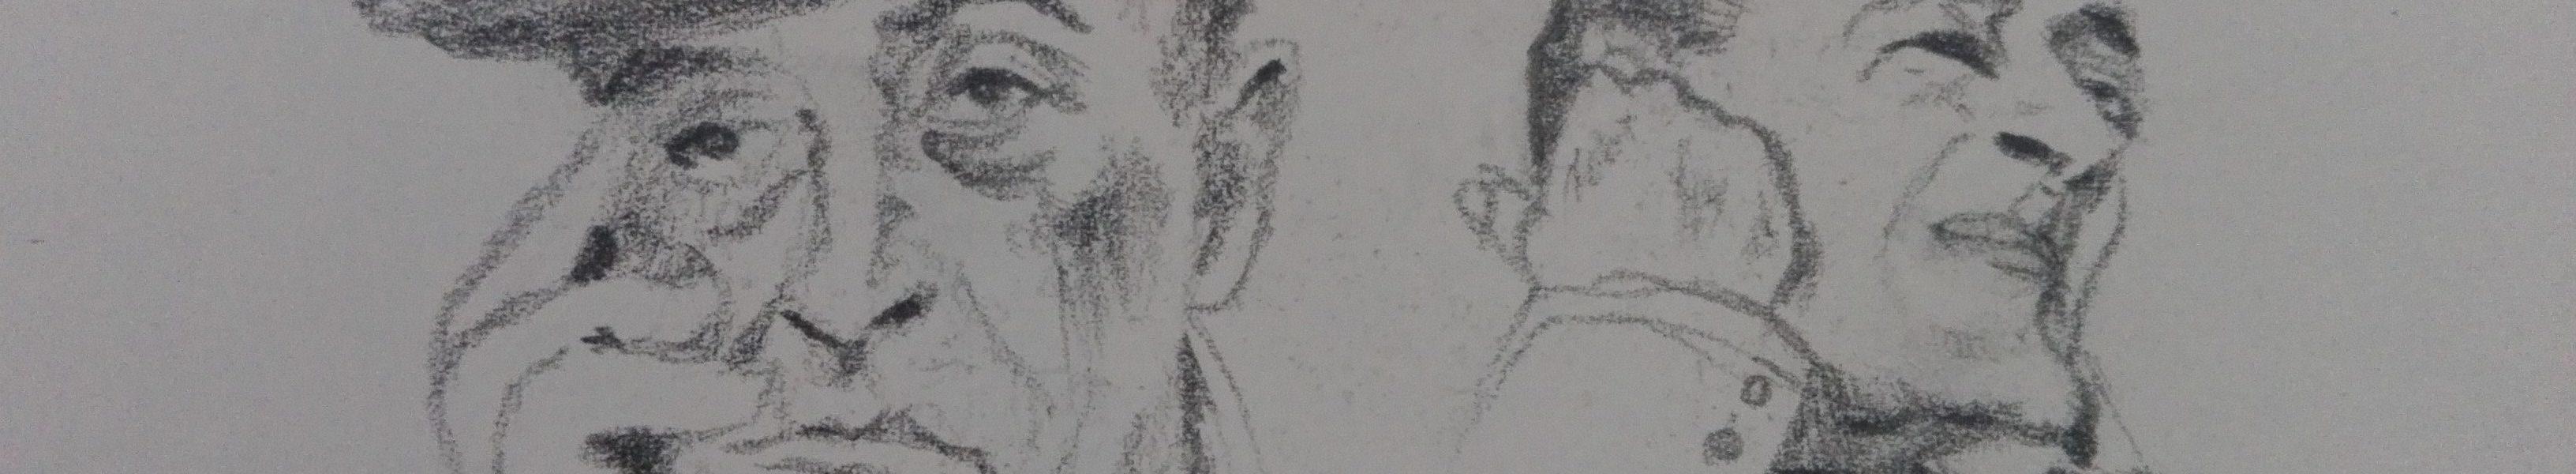 Sandro Ferrucci - Grafite su carta - anno 1989 - ritratto del Principe Antonio De Curtis (Totò) dettaglio da blocco schizzi